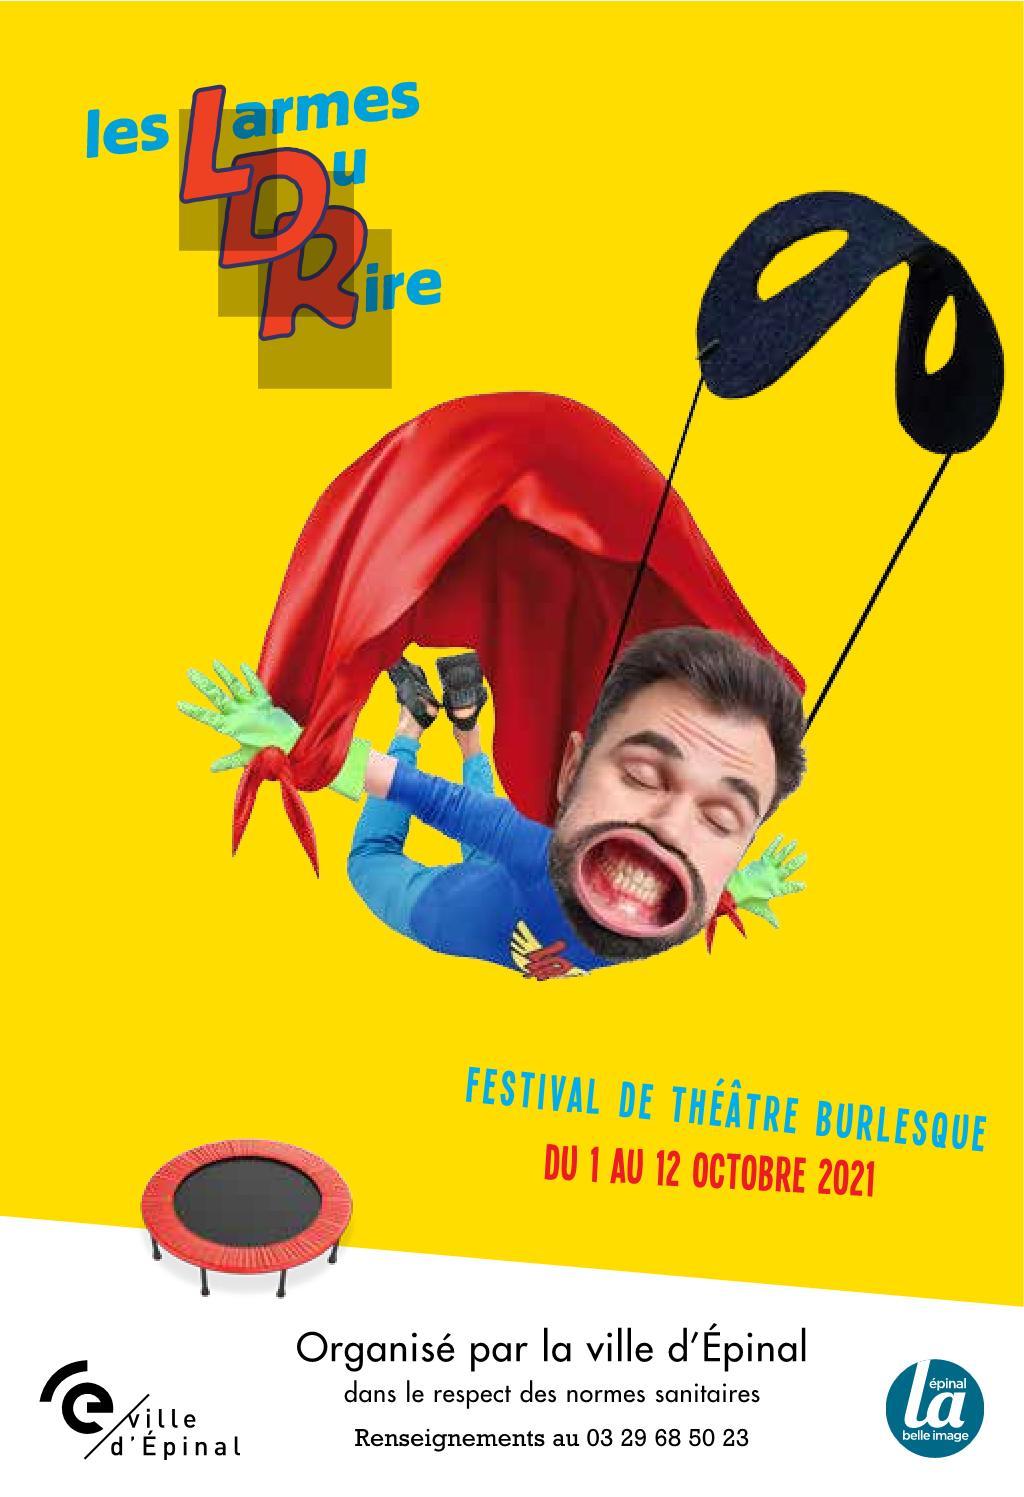 Les Larmes du Rire 2021 Epinal Festival de Théâtre Burlesque